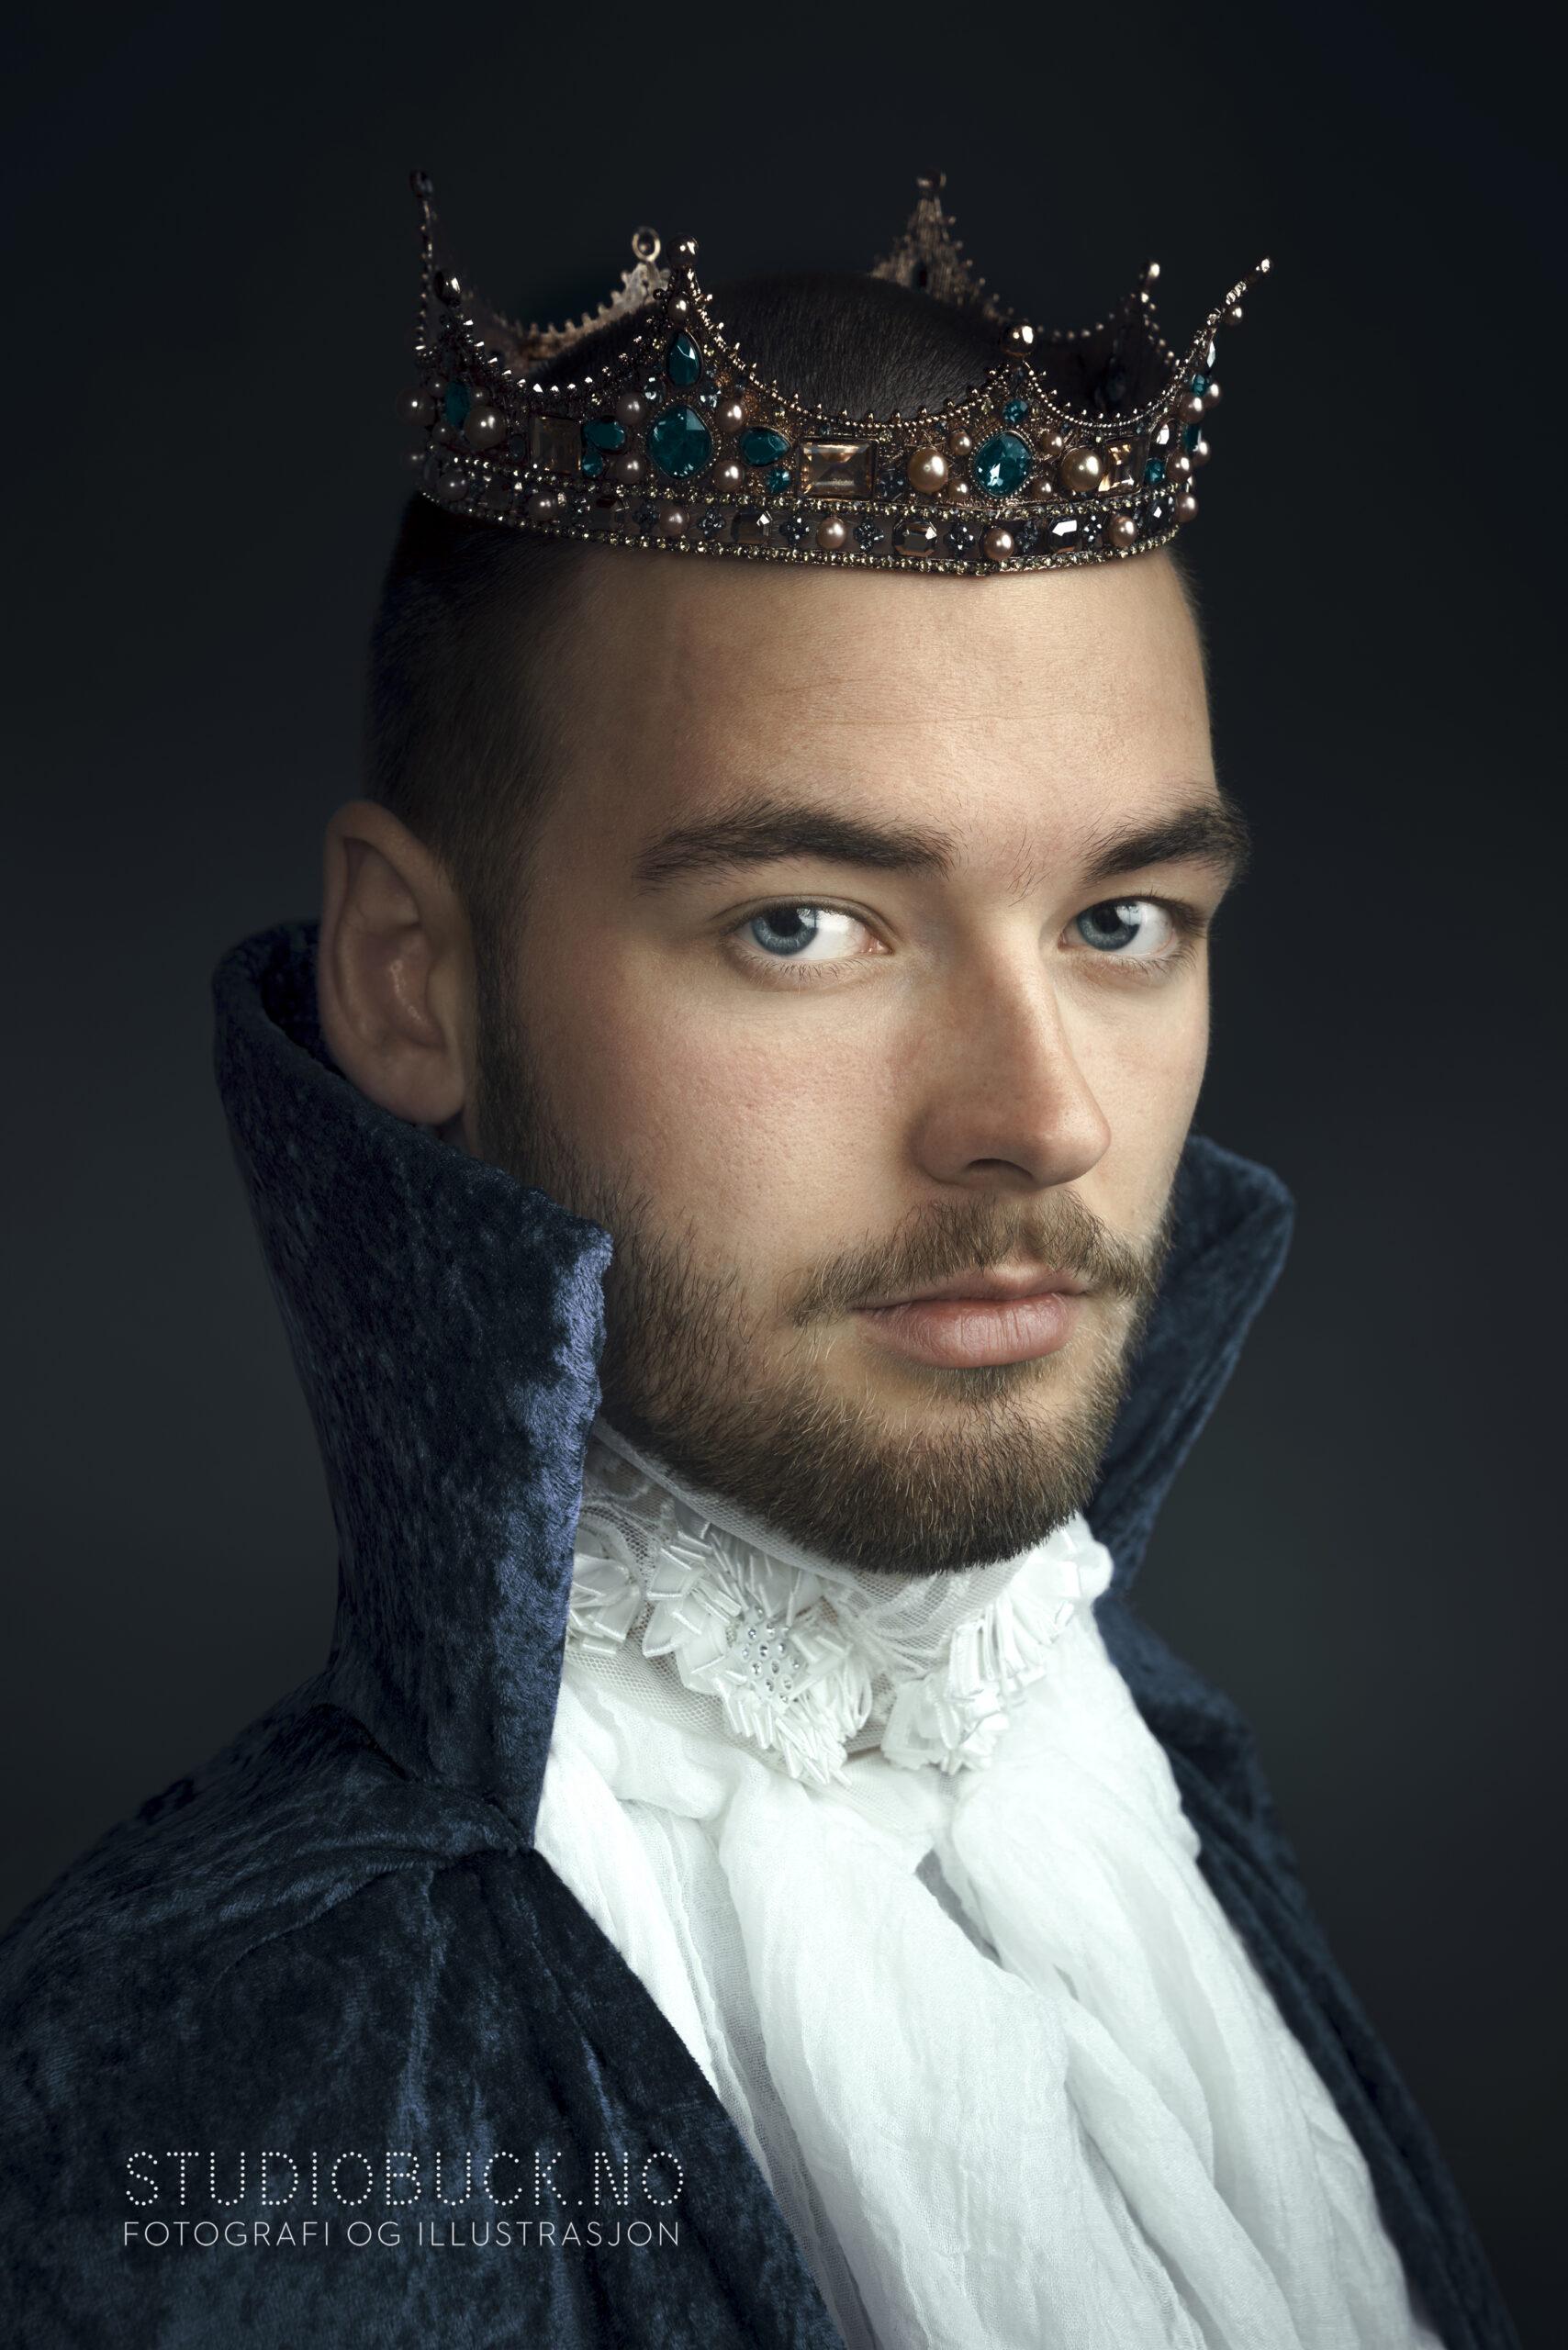 KOnge med krone i blå kappe og hvite blonder og sjegg